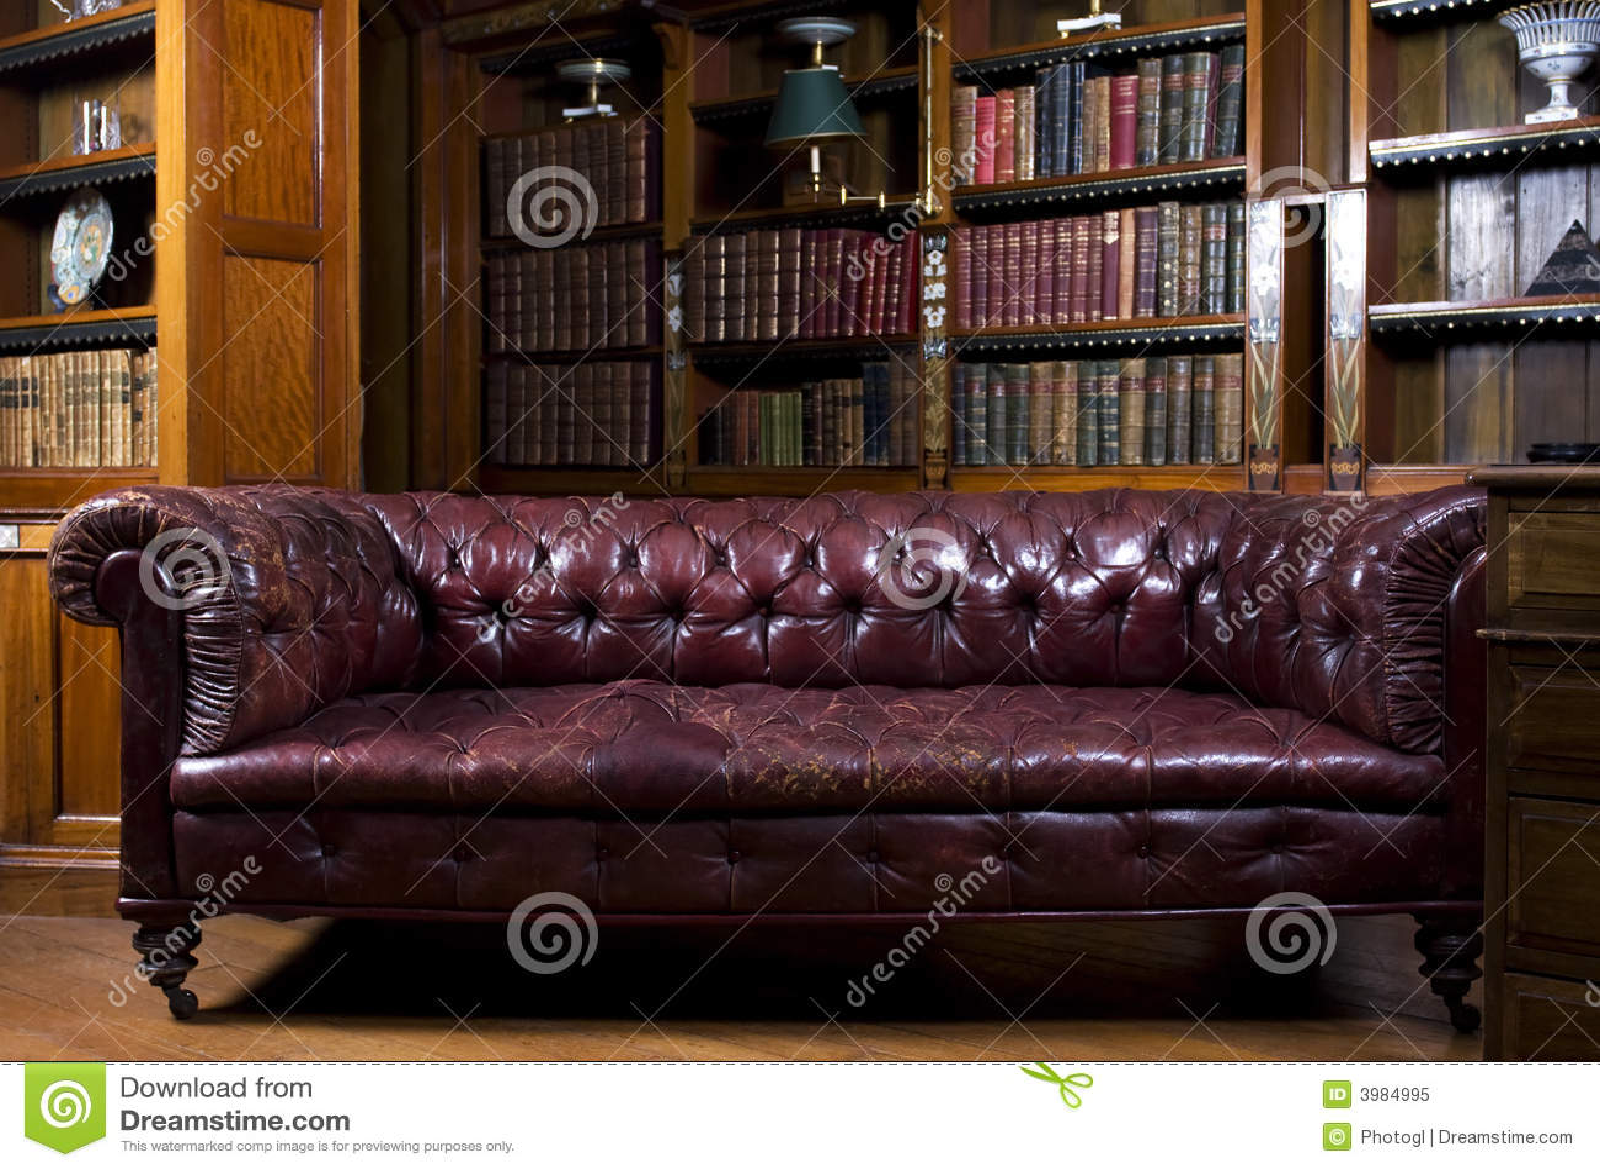 retro bilder wohnzimmer:Retro- Wohnzimmer Lizenzfreies Stockfoto – Bild: 3984995